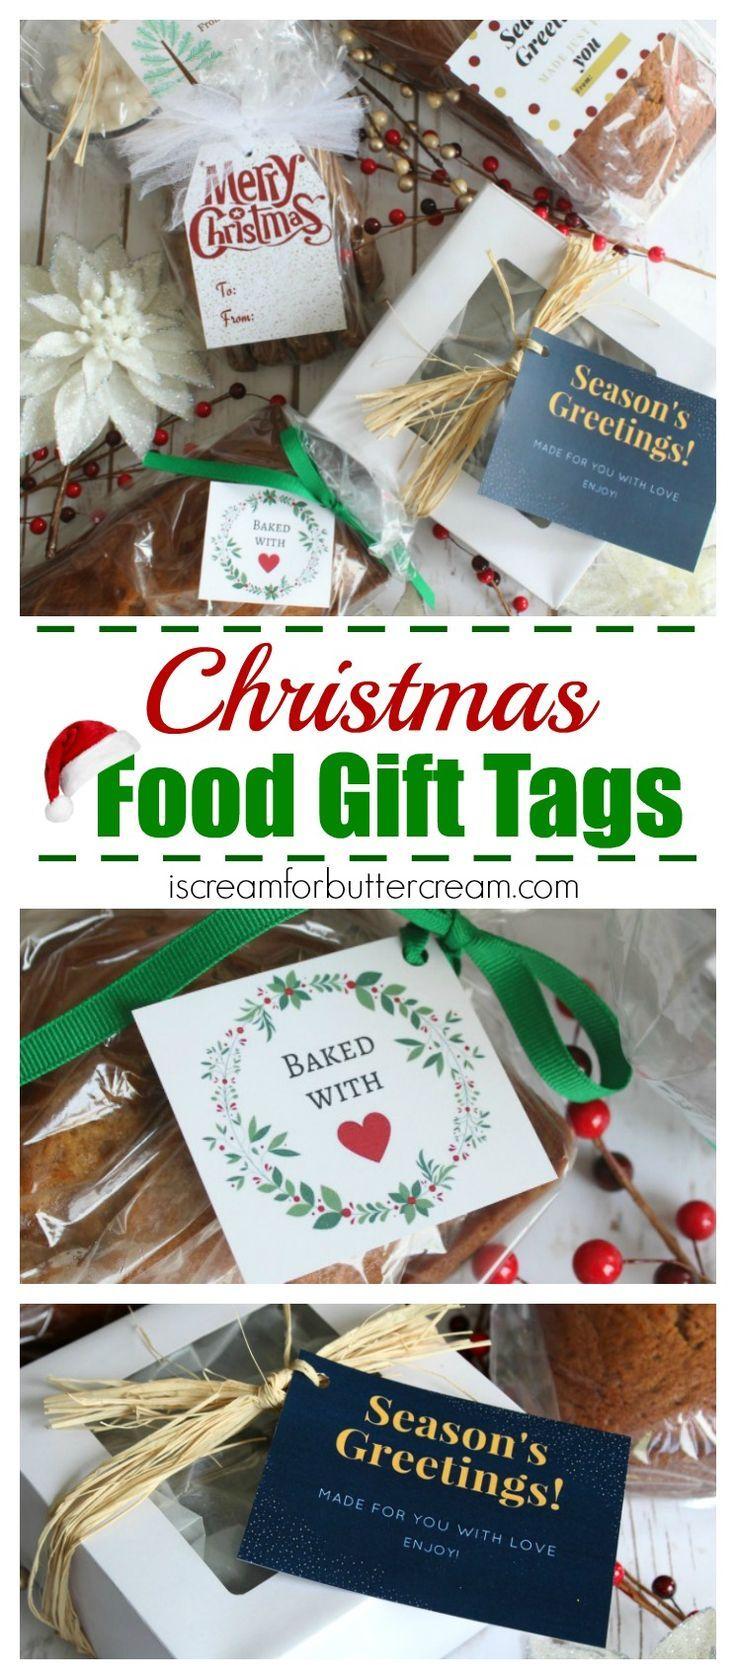 Free Printable Christmas Food Gift Tags | Christmas Crafts ...